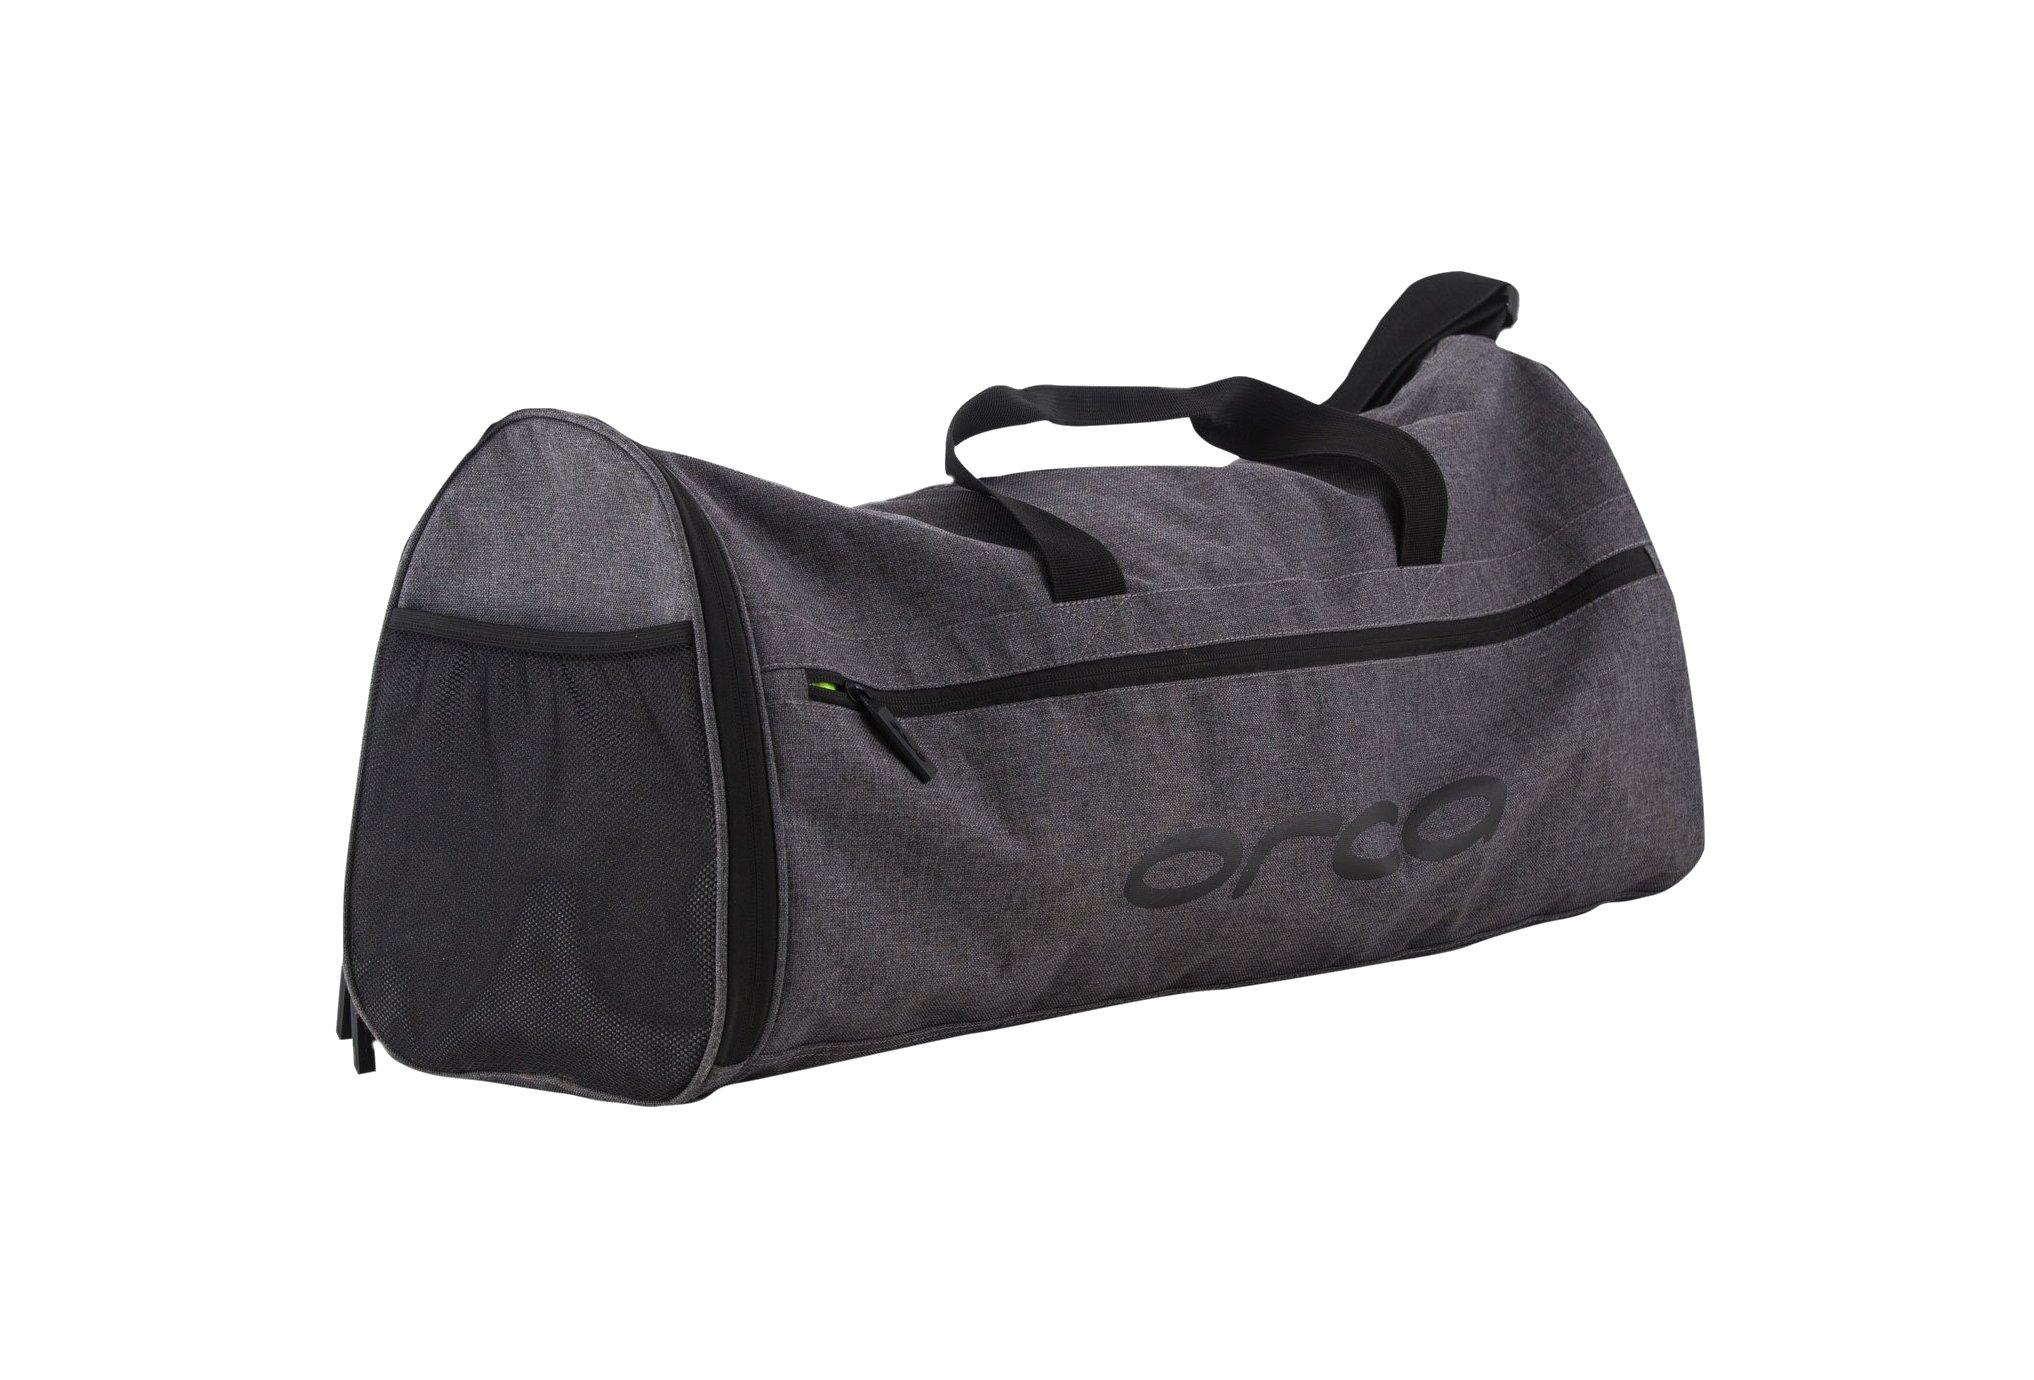 Orca Training Bag Sac de sport